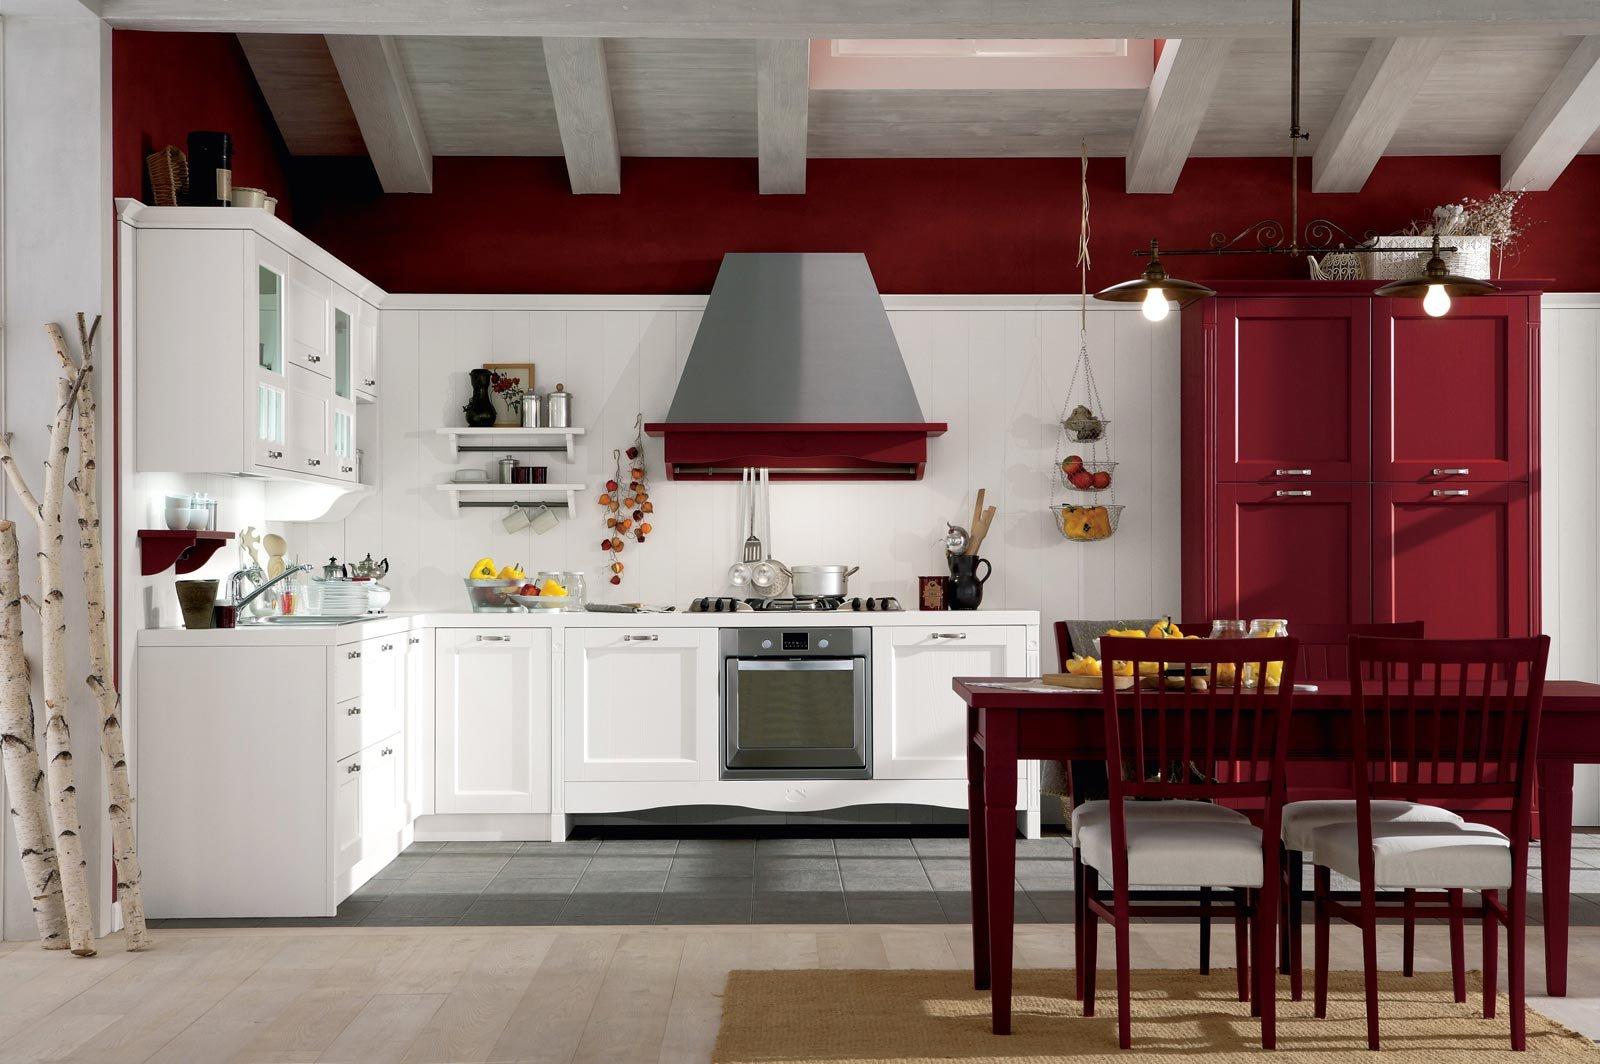 cucine rétro: una tradizione senza tempo - cose di casa - Cucine Decapate